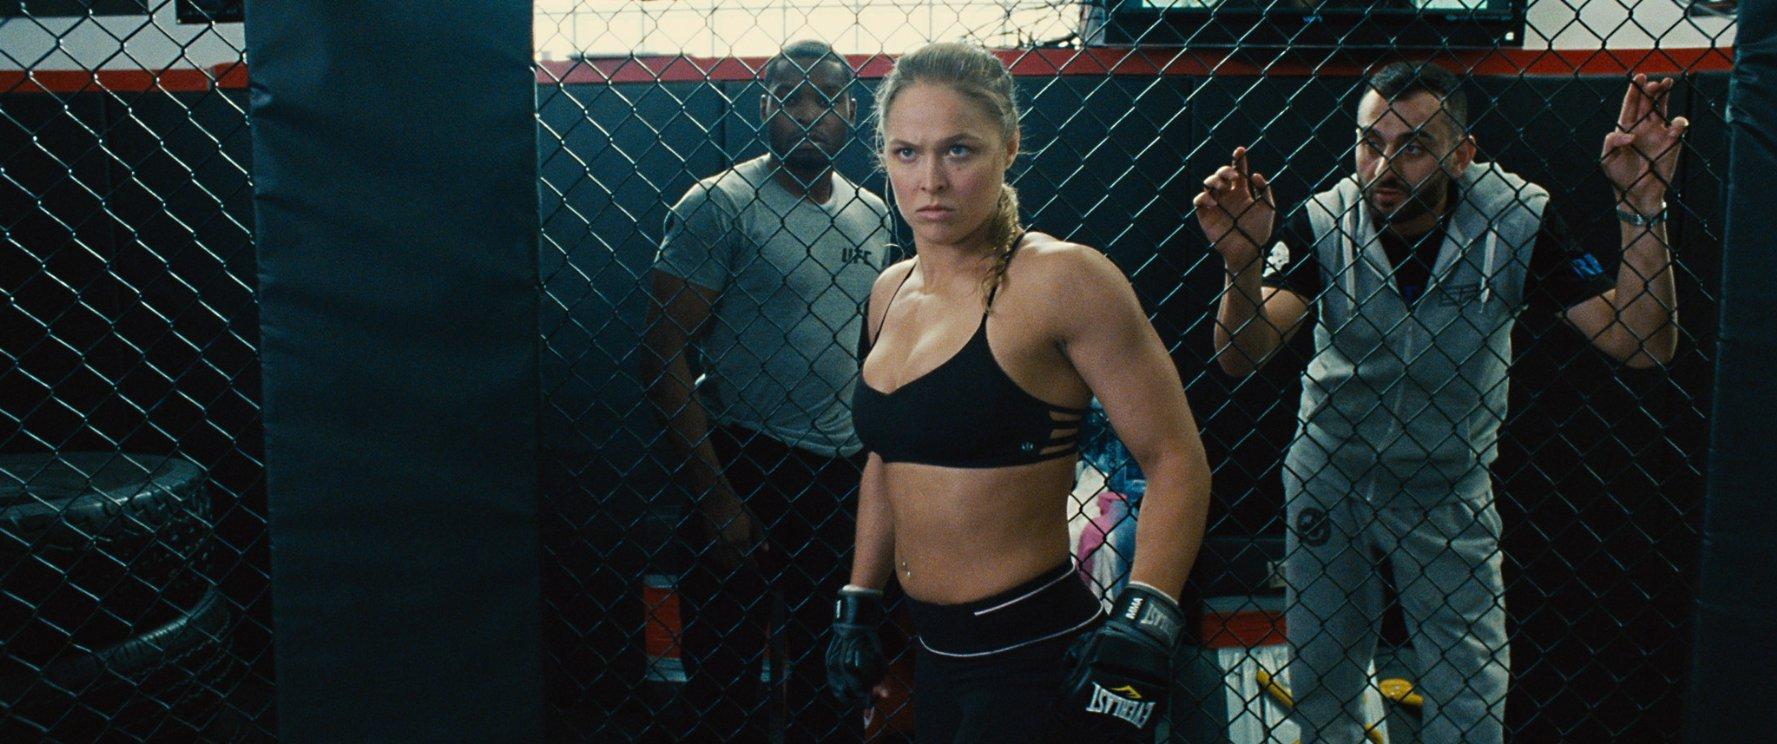 Ronda_Rousey_in_Entourage